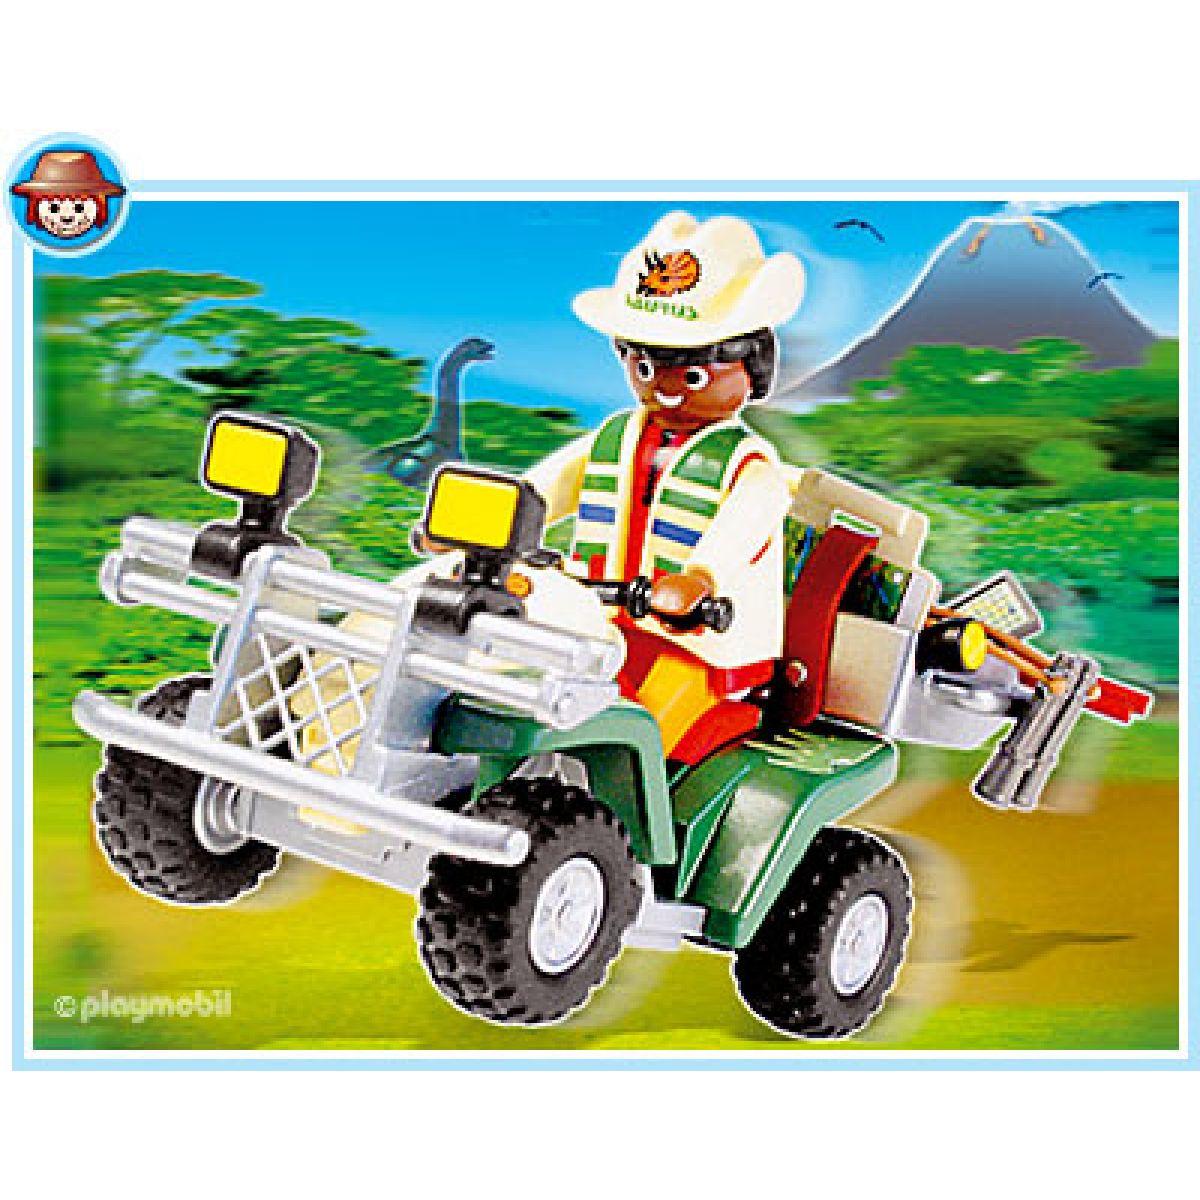 Playmobil Průzkumná čtyřkolka